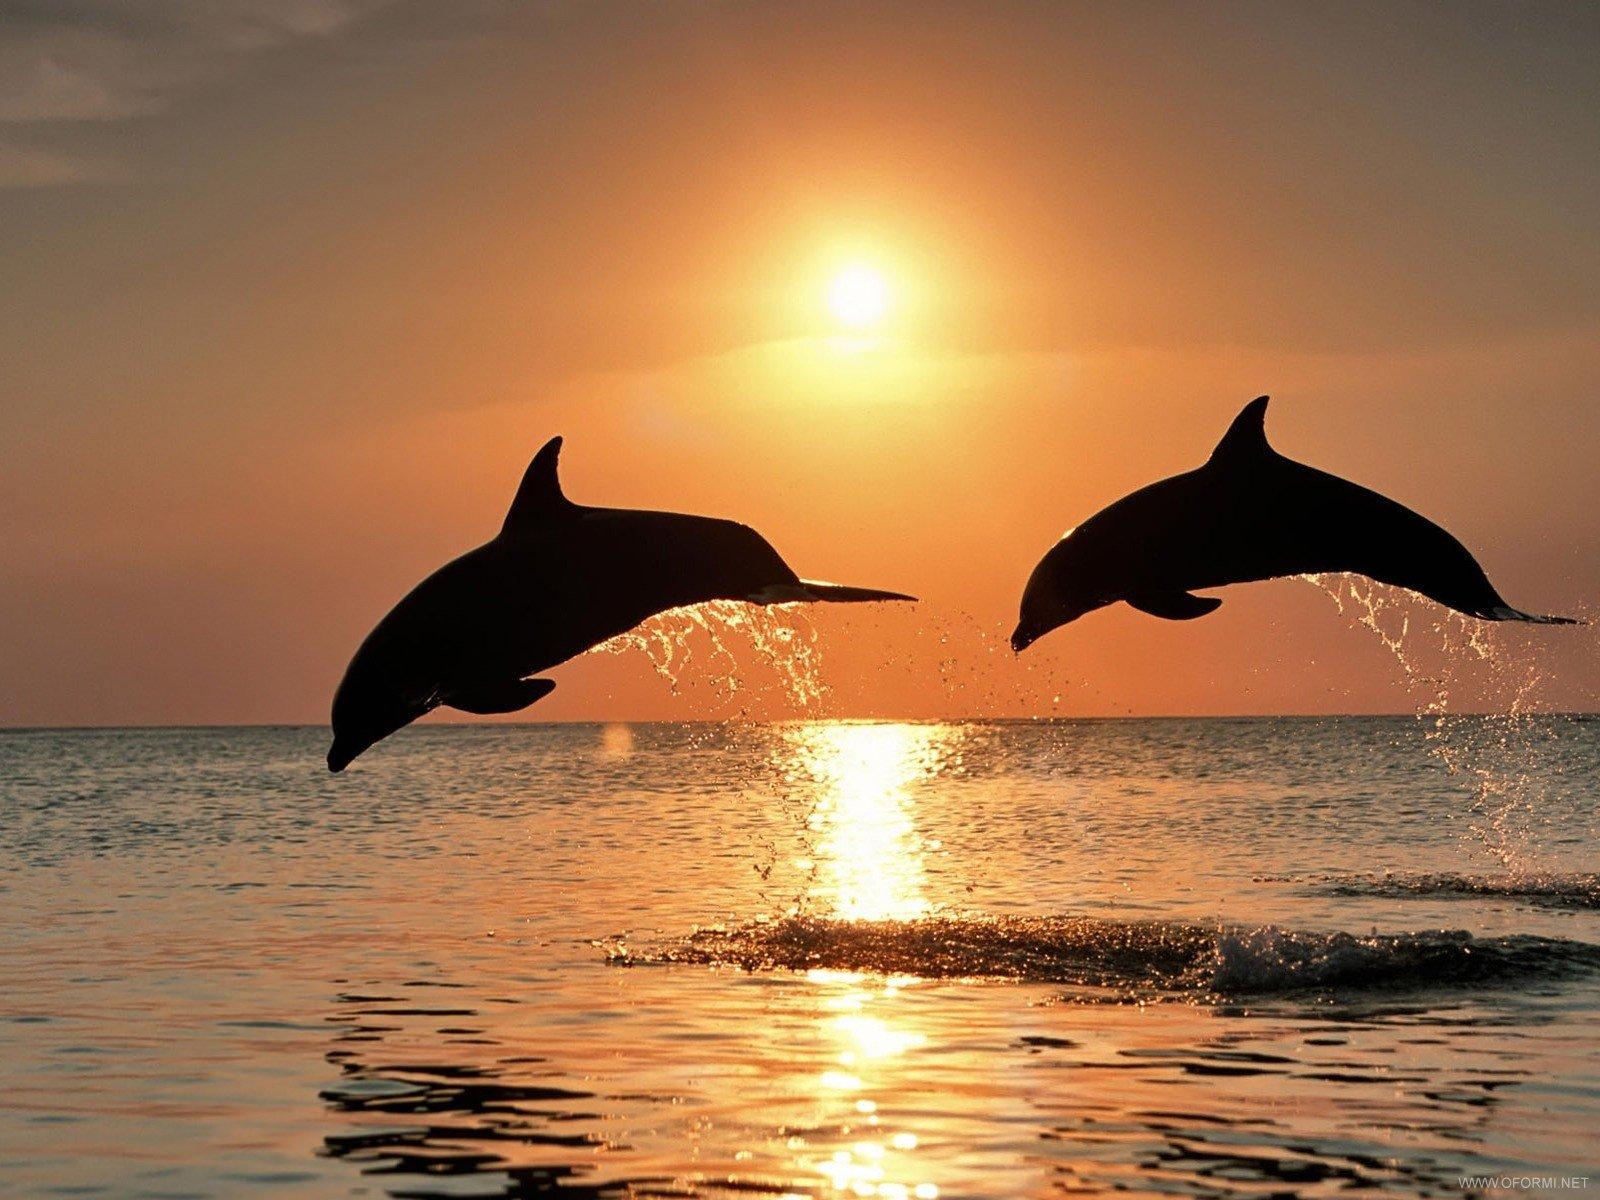 Обои на рабочий стол дельфины загрузить